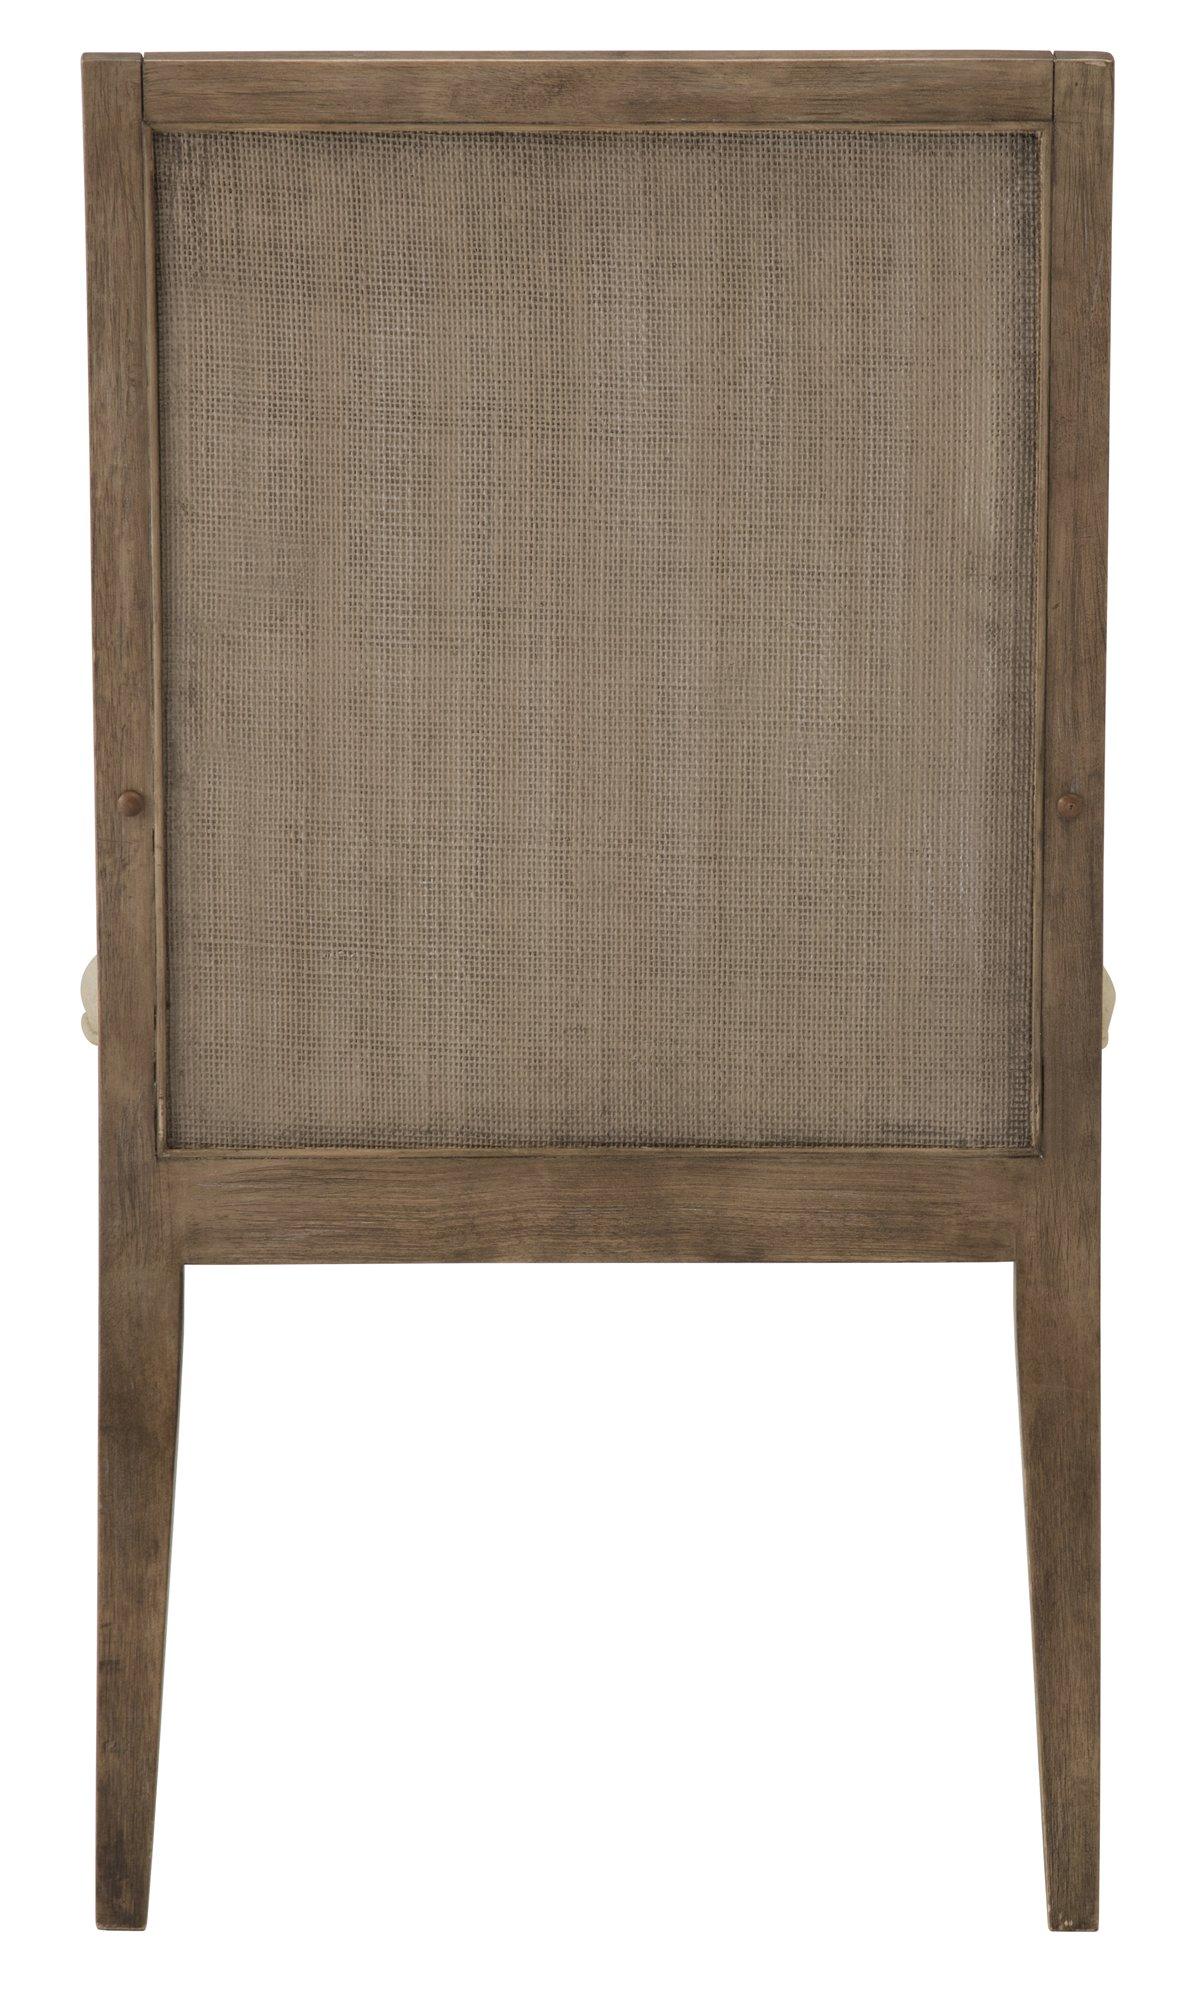 Mirabelle Light Tone Upholstered Upholstered Arm Chair